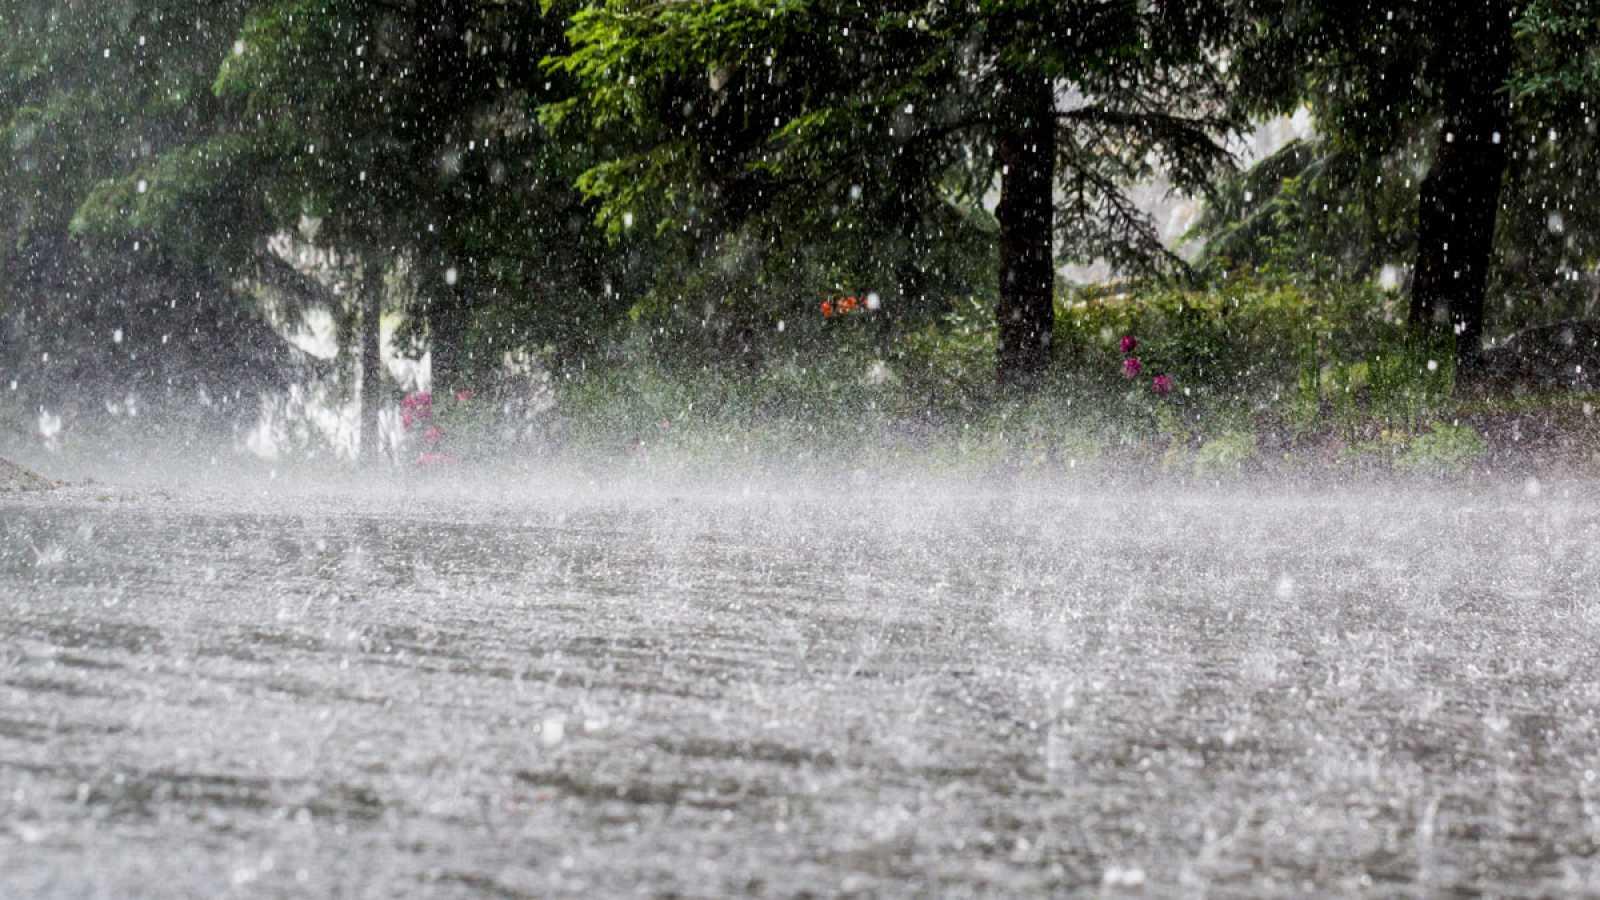 Origen de las precipitaciones extremas de la cuenca del Río Balsas, México